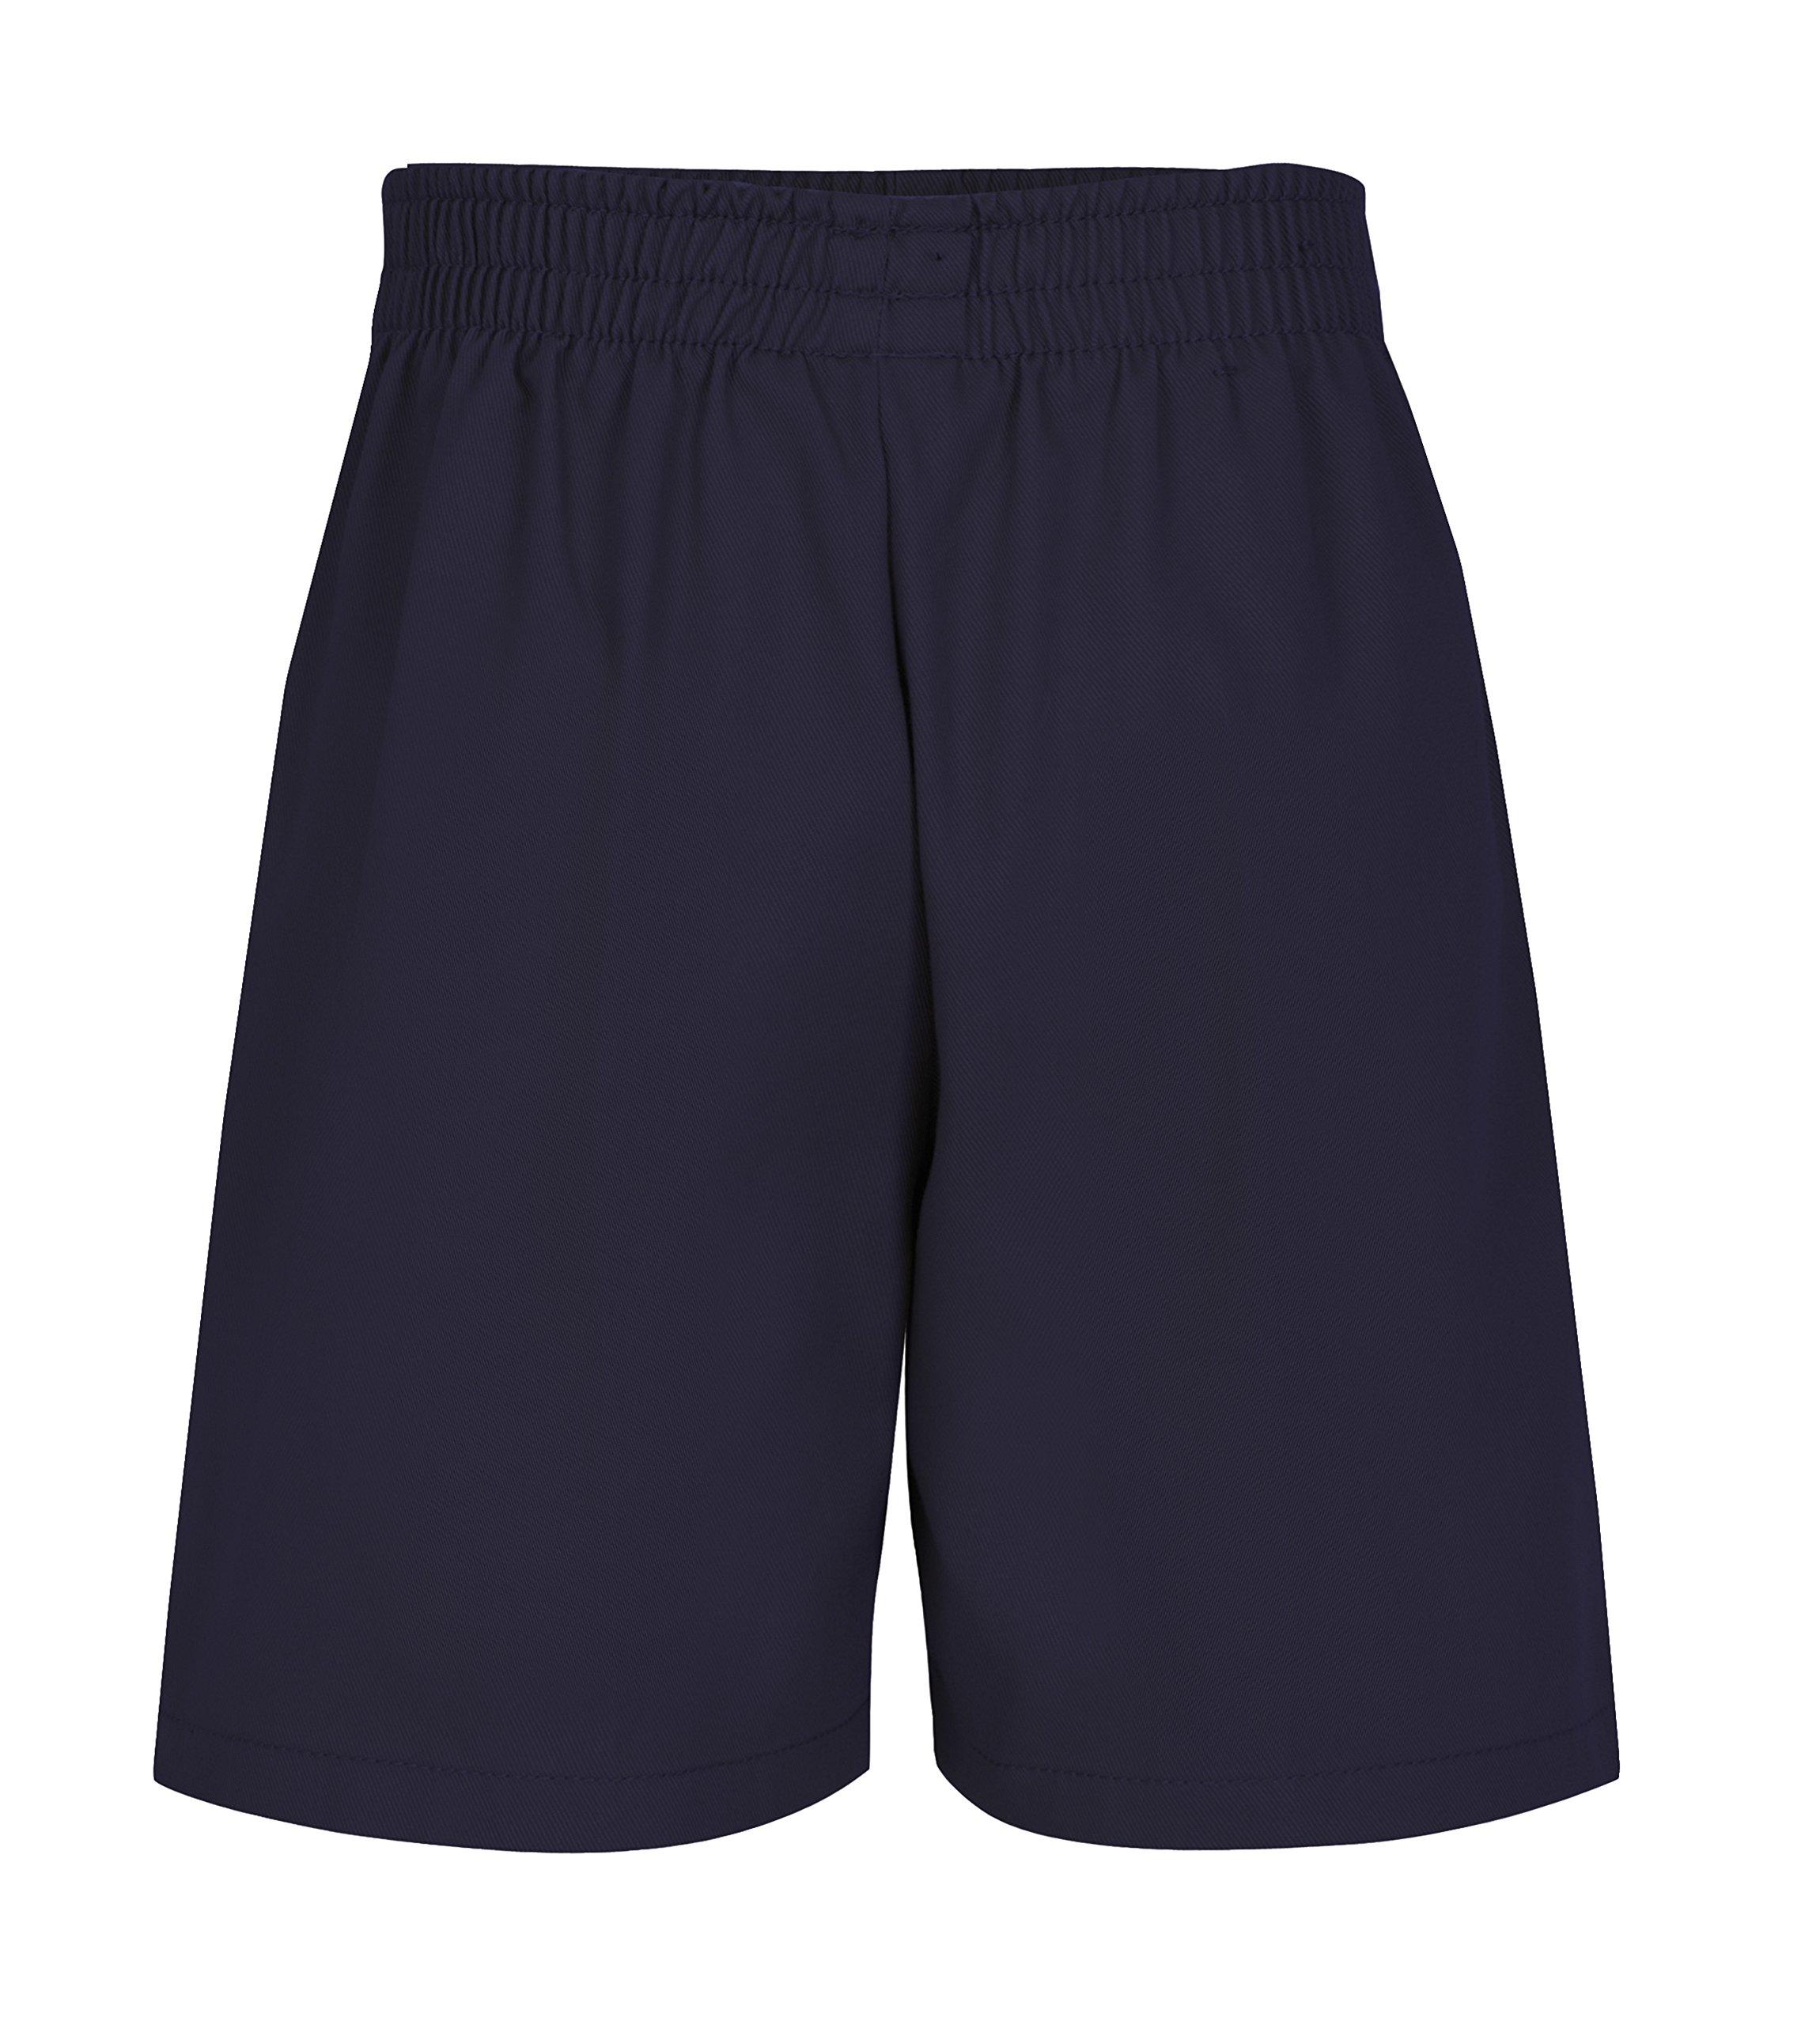 CLASSROOM Little Boys' Uniform Pull On Short, Dark Navy, 5